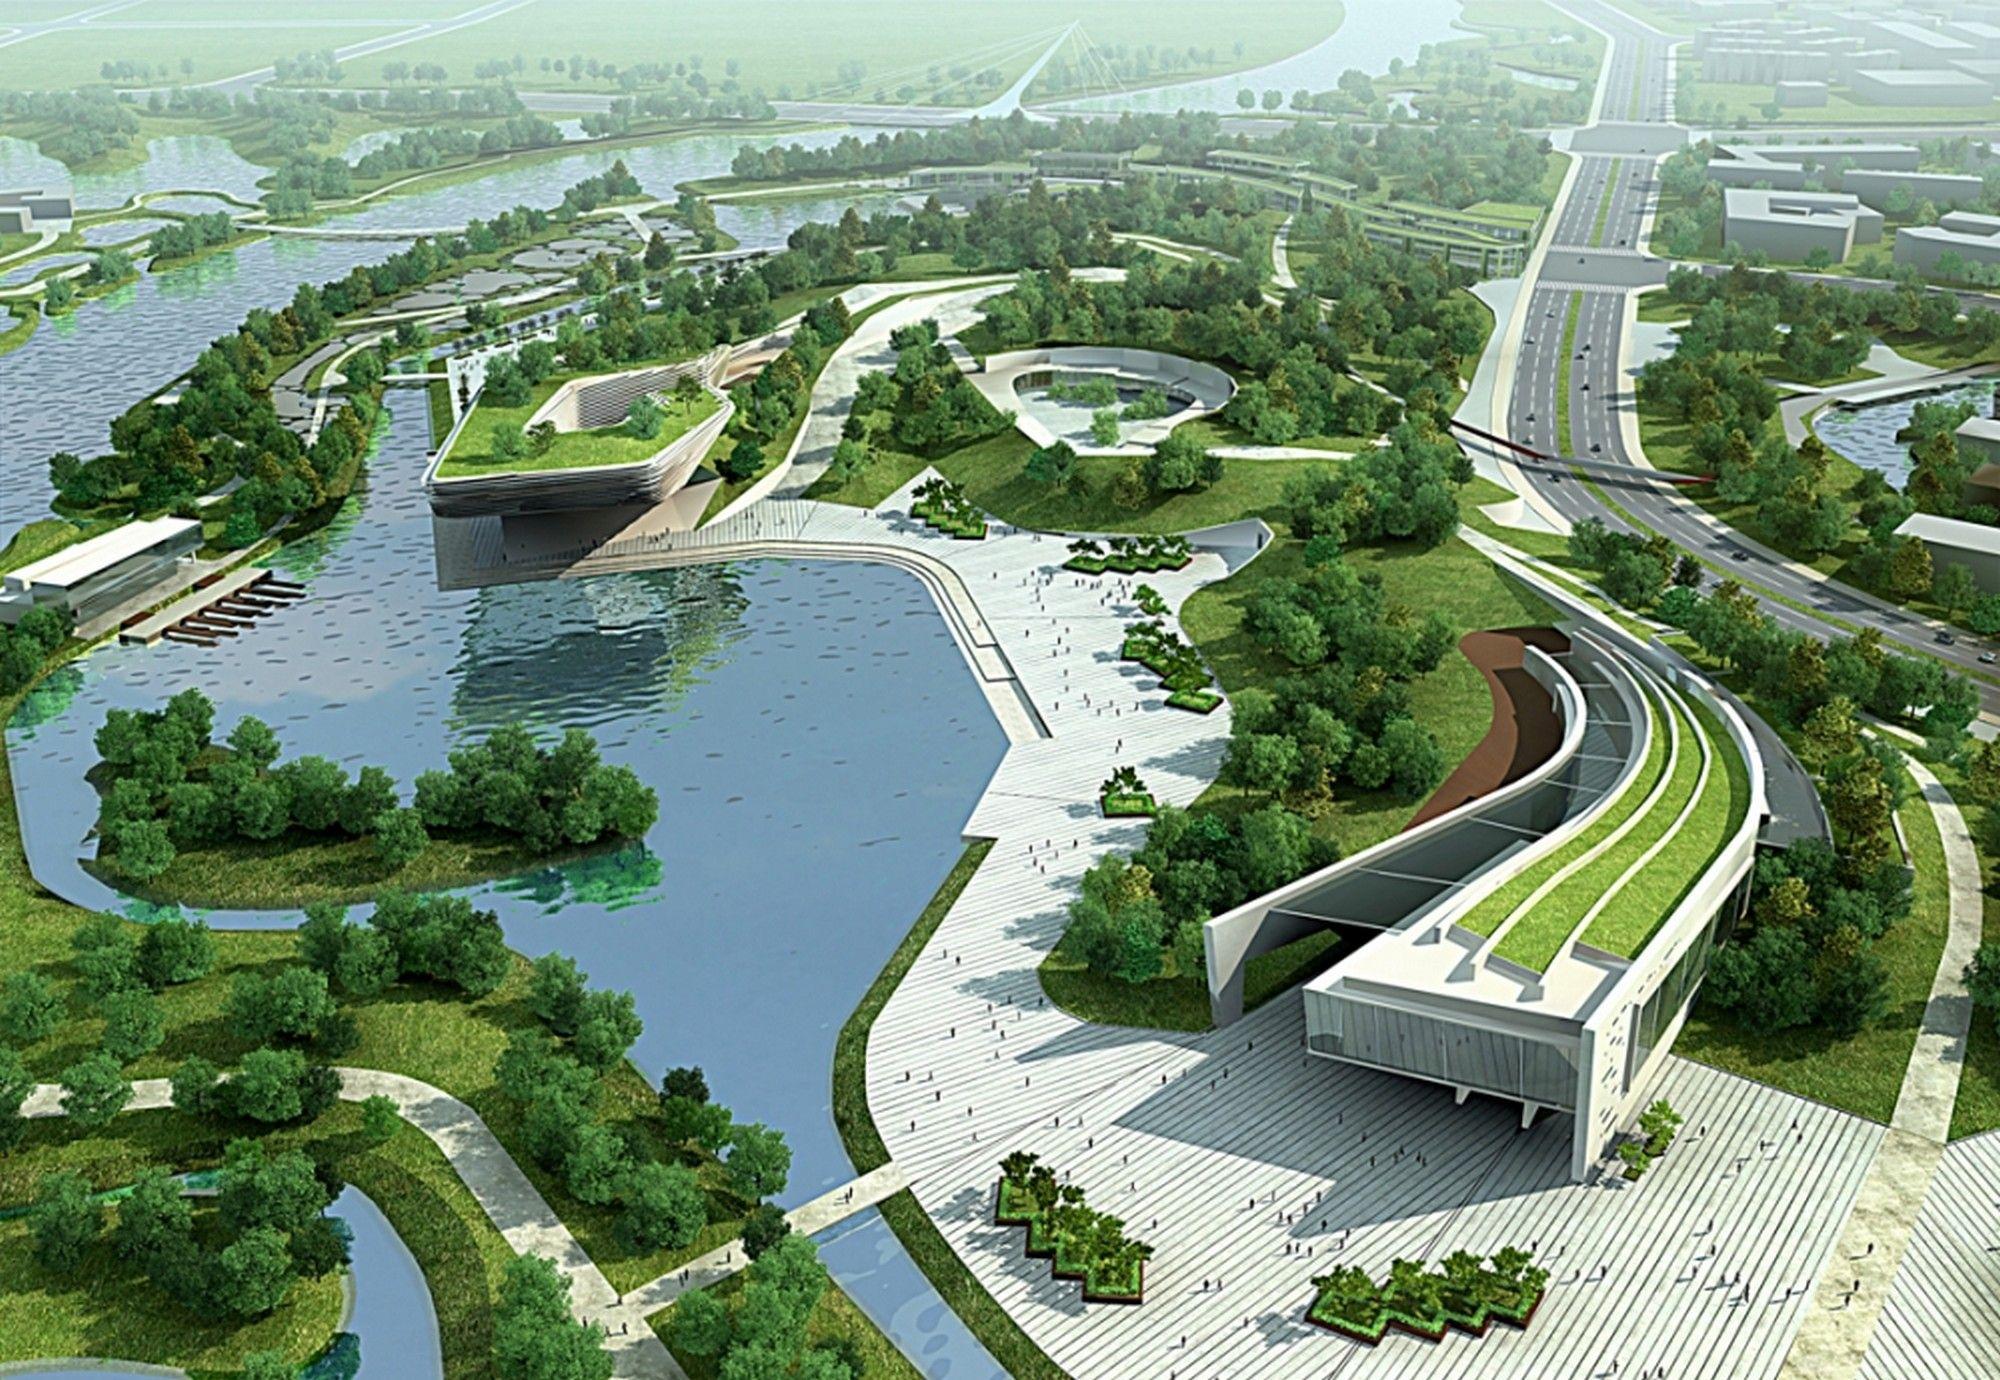 Industrial Green Park Google Search Architecture Design Process Futuristic Architecture Landscape Design